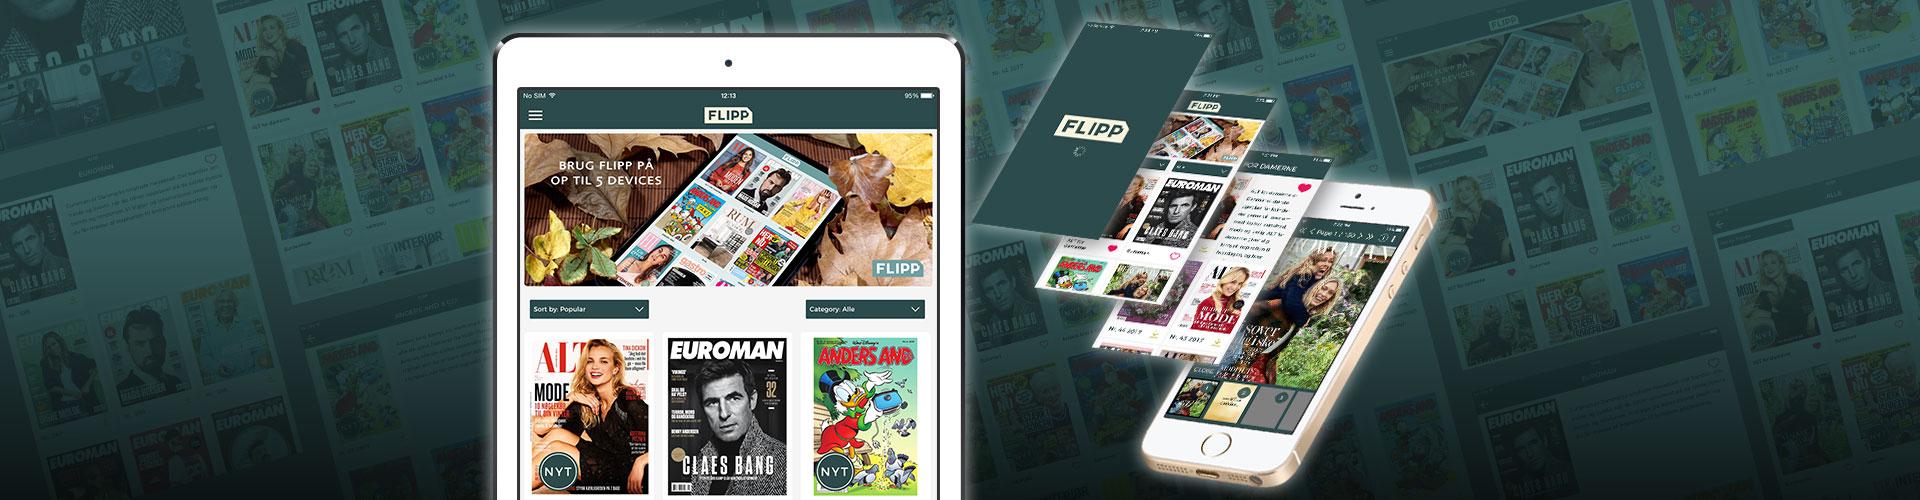 PageSuite Develop Kiosk App Solution for Egmont Publishing's FLIPP Solution